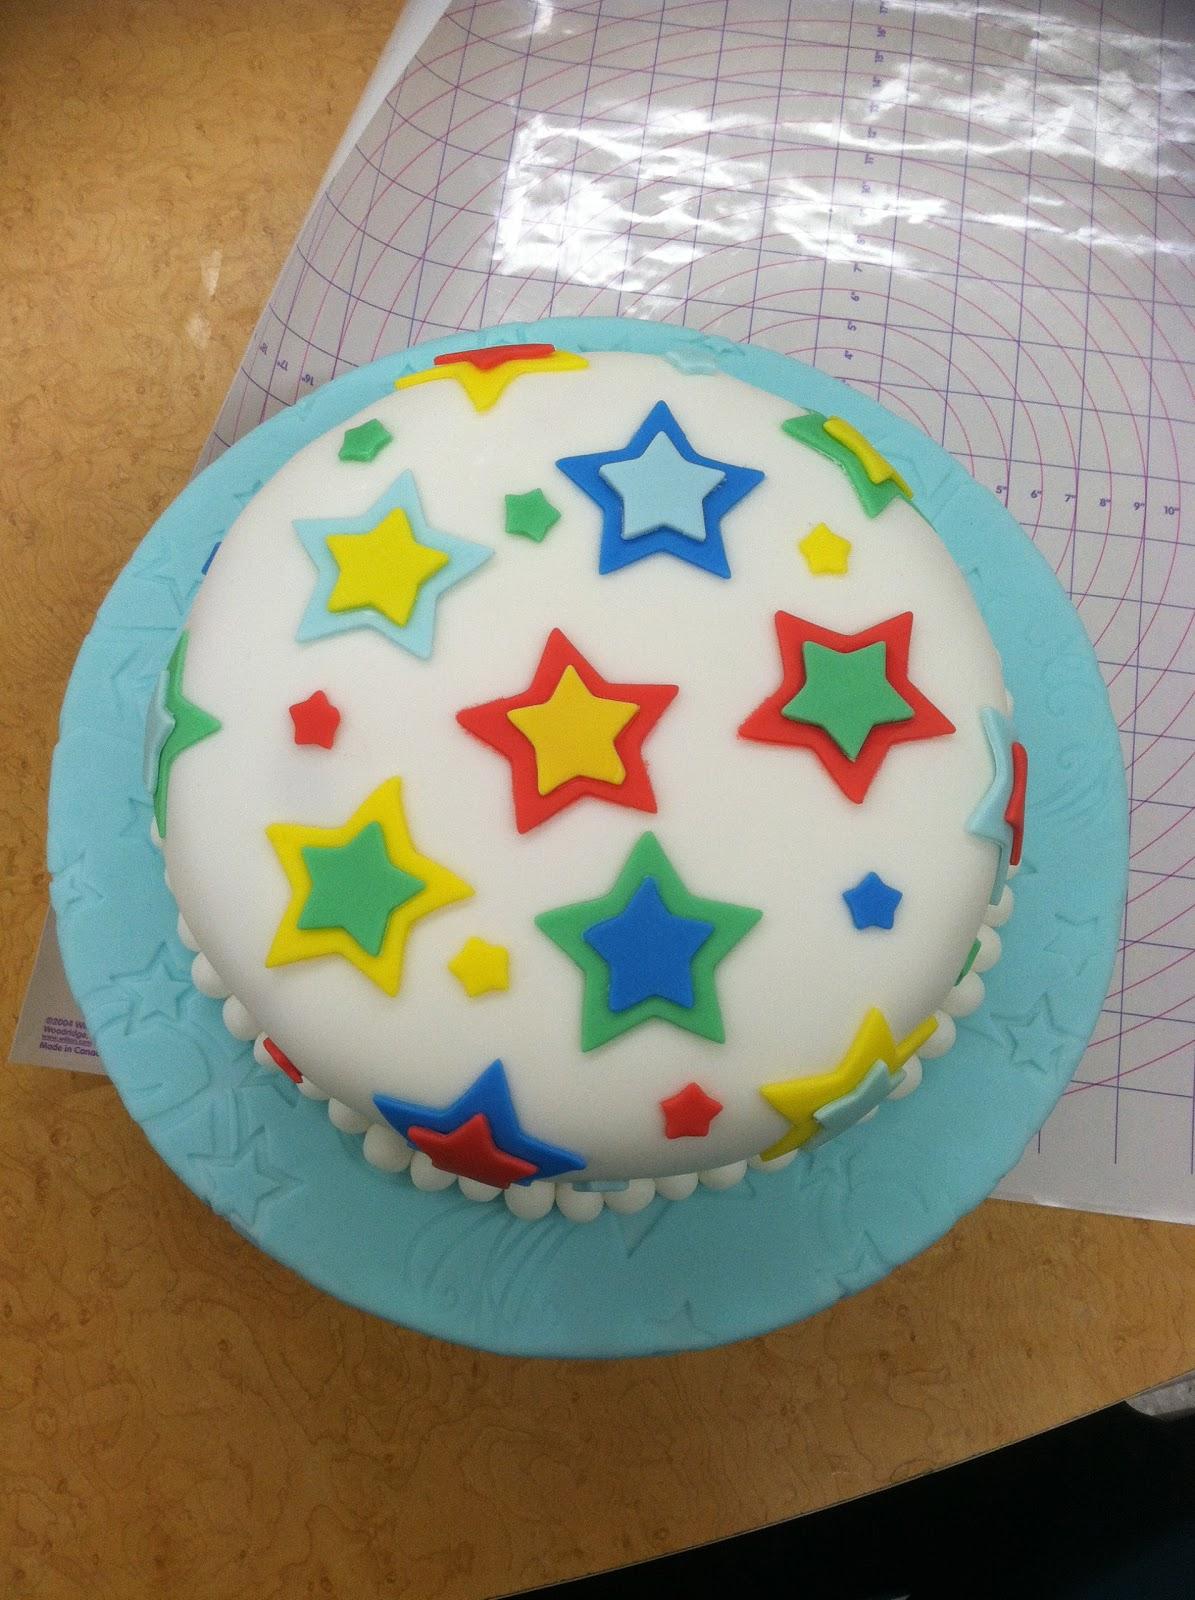 Kylas Cupcakes Fondant Birthday Cake With Stars